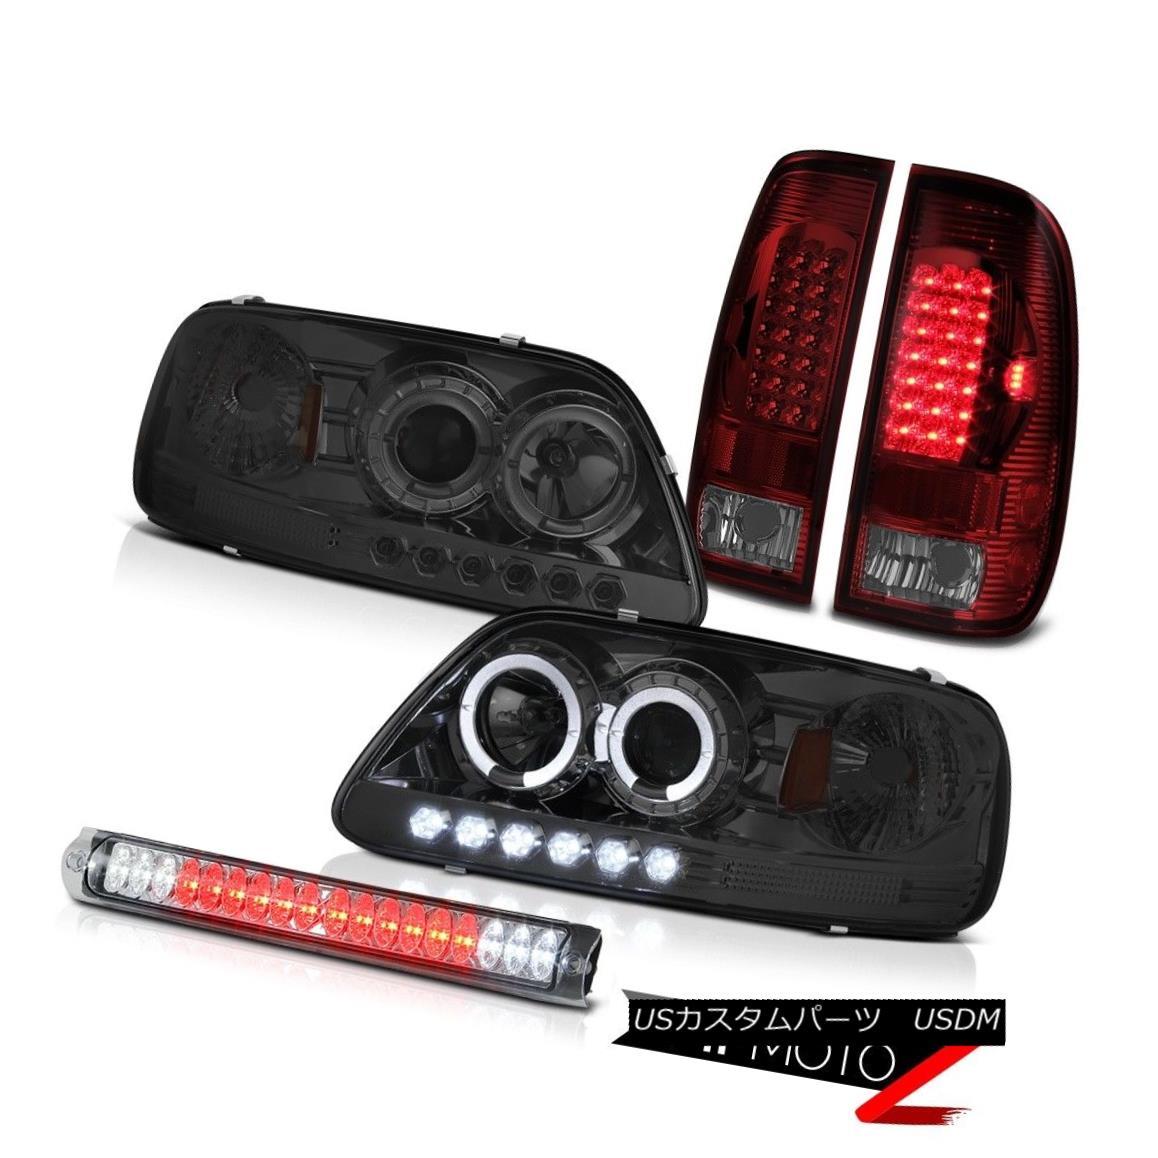 ヘッドライト Pair Smoke Halo LED Headlight Red Tail Lights Roof Brake Lamp Chrome 97-03 F150 ペア煙ハローLEDヘッドライトレッドテールライトルーフブレーキランプクローム97-03 F150